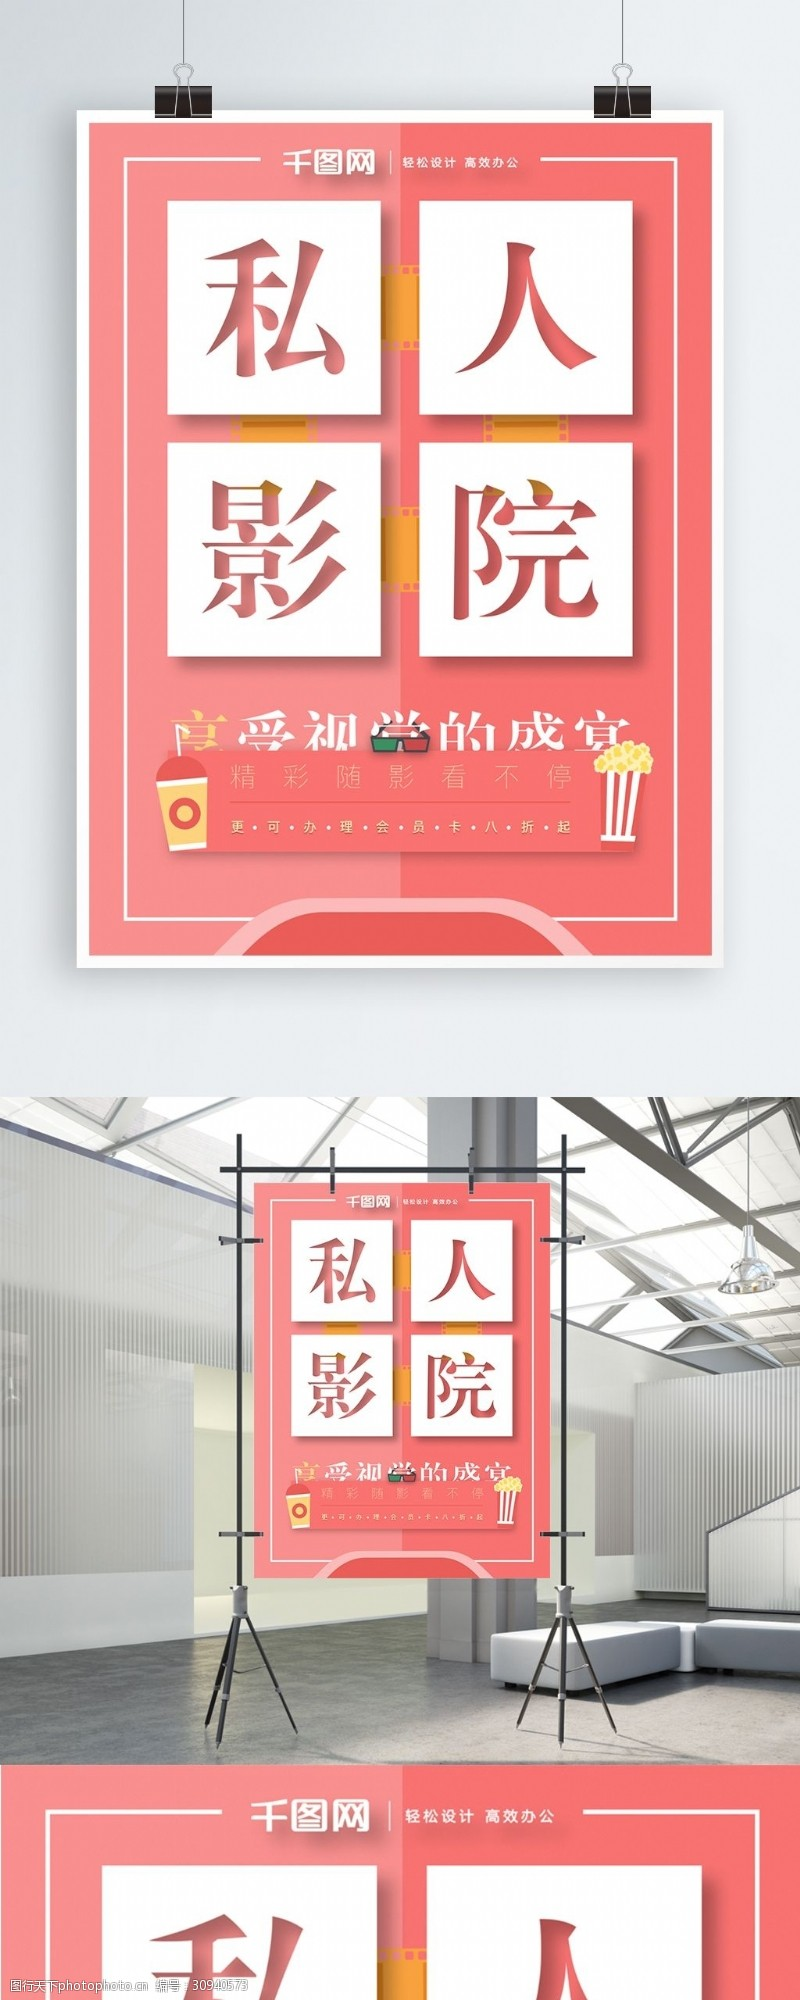 原创粉色扁平风私人影院观影宣传海报